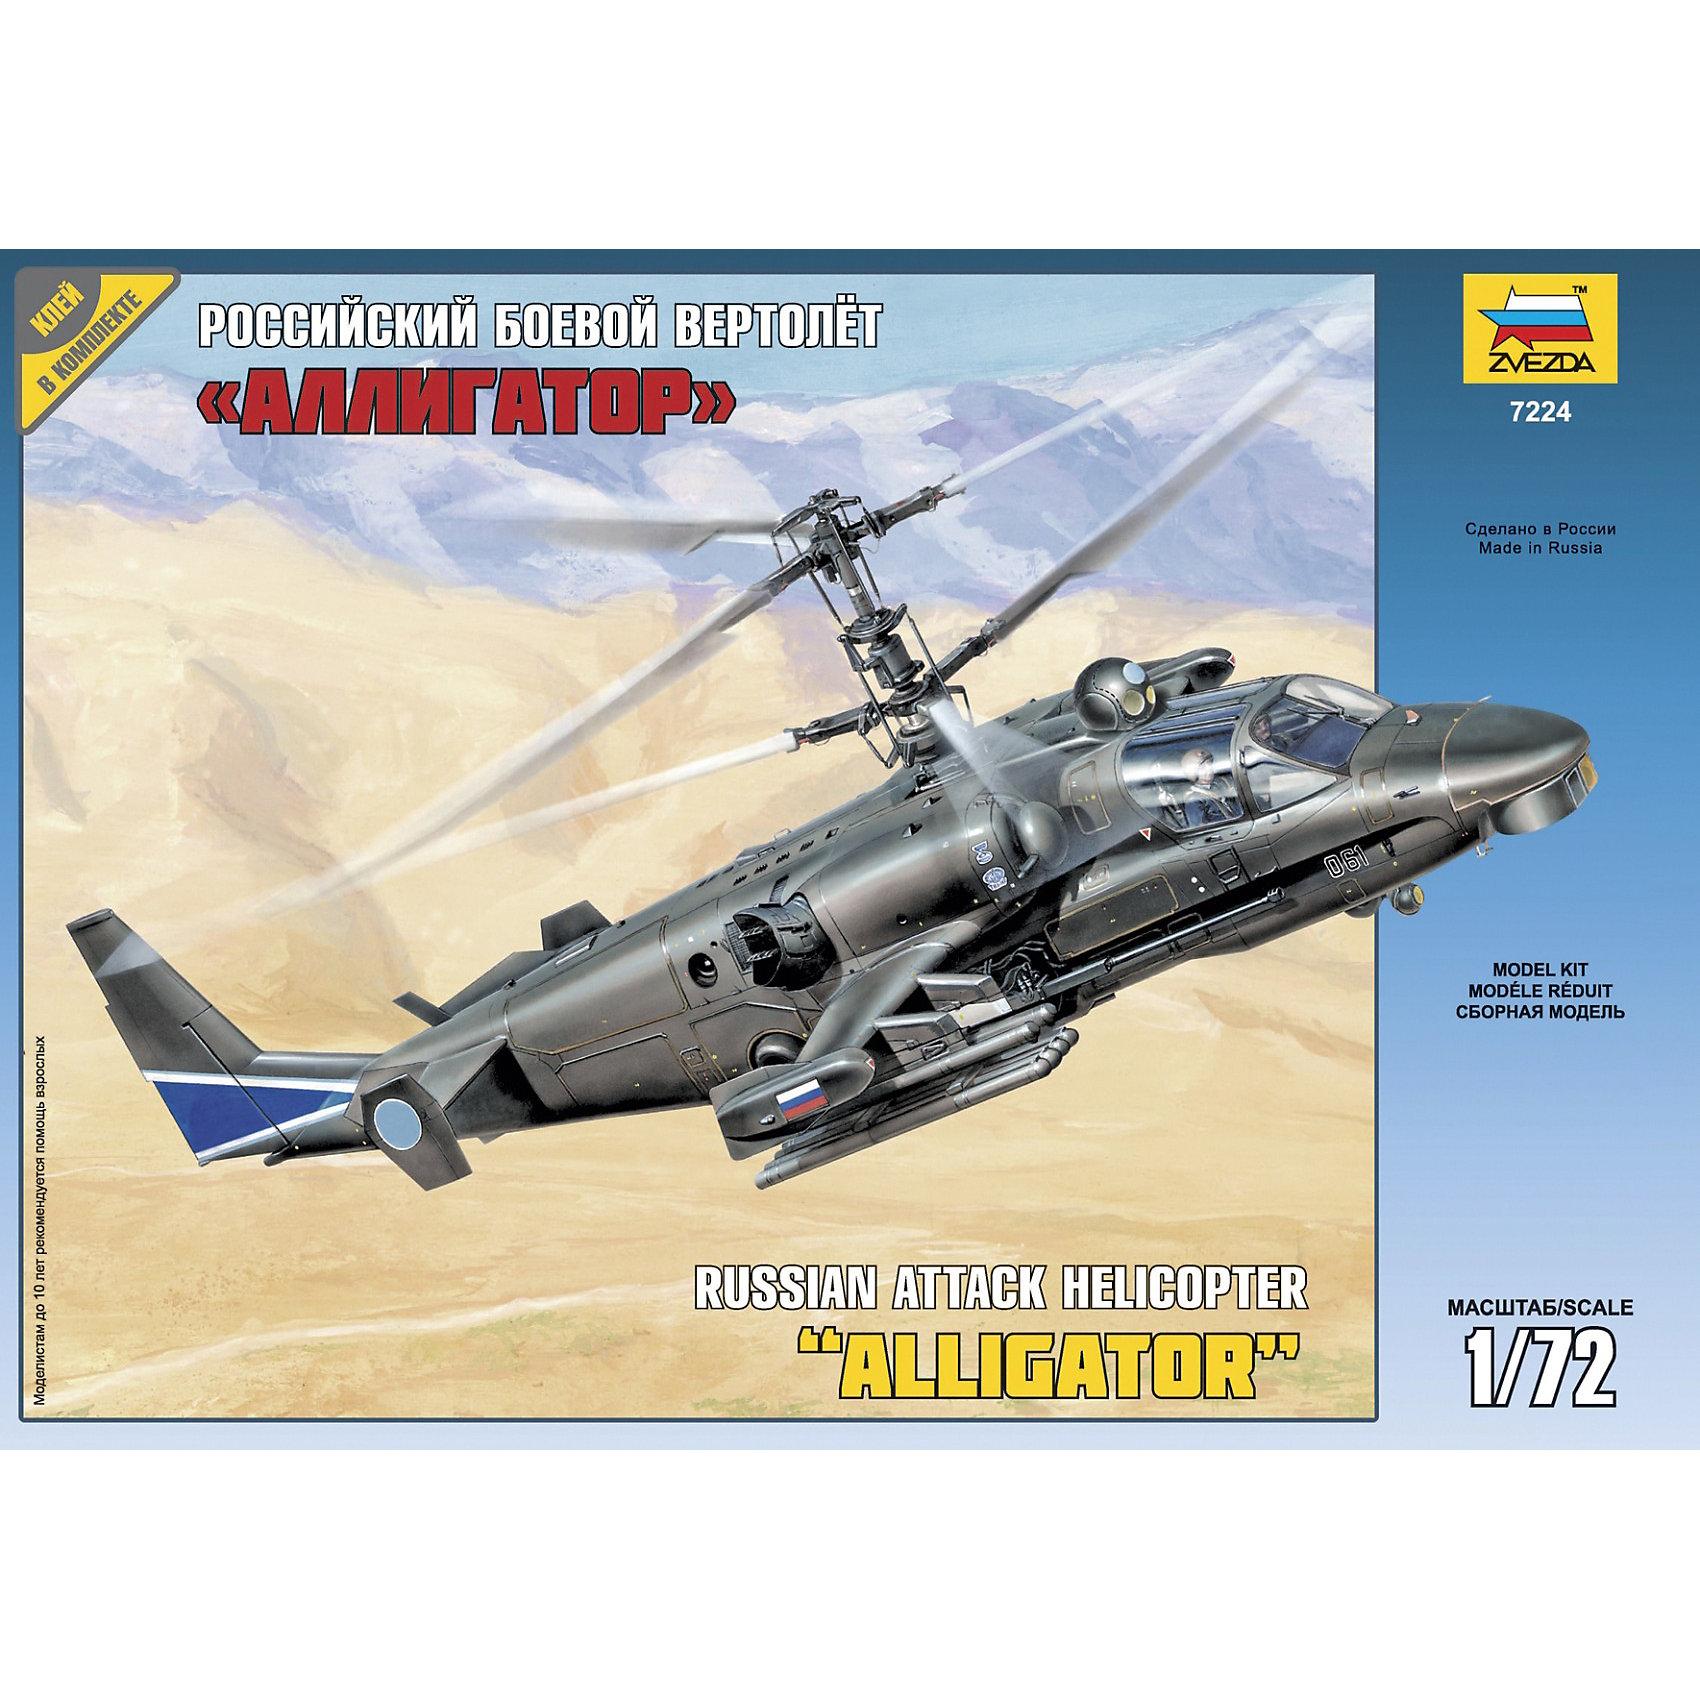 Сборная модель вертолета Ка-52 Аллигатор, ЗвездаСборная модель вертолета Ка-52 Аллигатор, Звезда – модель двухместной версии вертолета Ка-50, на котором размещено самое современное оборудование. Этот вертолет обладает отличными летными характеристиками, его жизненно важные части хорошо защищены, он может нести большой выбор систем оружия.<br><br>Ответственная миссия предстоит будущему пилоту собрать свой первый вертолет своими руками. Насколько качественно он будет собран, зависит только от юного мастера, его желания и увлеченности этим кропотливым делом. Все соединения разработаны и рассчитаны с большой точностью, поэтому при склейке конструктора у вас не возникнет сложностей. <br><br>Особенности:<br>-Количество деталей: 123<br>-Качество изготовления наивысшее<br>-Идеально подходит для подарка<br>-Прививает практические навыки работы со схемами и чертежами<br>-Развивает интеллектуальные способности, воображение и конструктивное мышление, мелкую моторику, усидчивость, внимание<br><br>Дополнительная информация:<br>-Материал: пластик <br>-Размер готовой модели: 21 см<br>-Клей и краски в комплект набора не входят<br>-Комплектация: 123 шт. деталей, инструкция, декаль<br><br>Высокотехничные боевые самолеты и летные машины высшего пилотажа – это украшение любой современной армии! В том числе – игрушечной. Эта модель вертолета  несомненно украсит собой серьезную коллекцию истинного любителя! <br><br>Сборную модель вертолета Ка-52 Аллигатор, Звезда можно купить в нашем магазине.<br><br>Ширина мм: 300<br>Глубина мм: 50<br>Высота мм: 205<br>Вес г: 180<br>Возраст от месяцев: 36<br>Возраст до месяцев: 168<br>Пол: Мужской<br>Возраст: Детский<br>SKU: 3676476